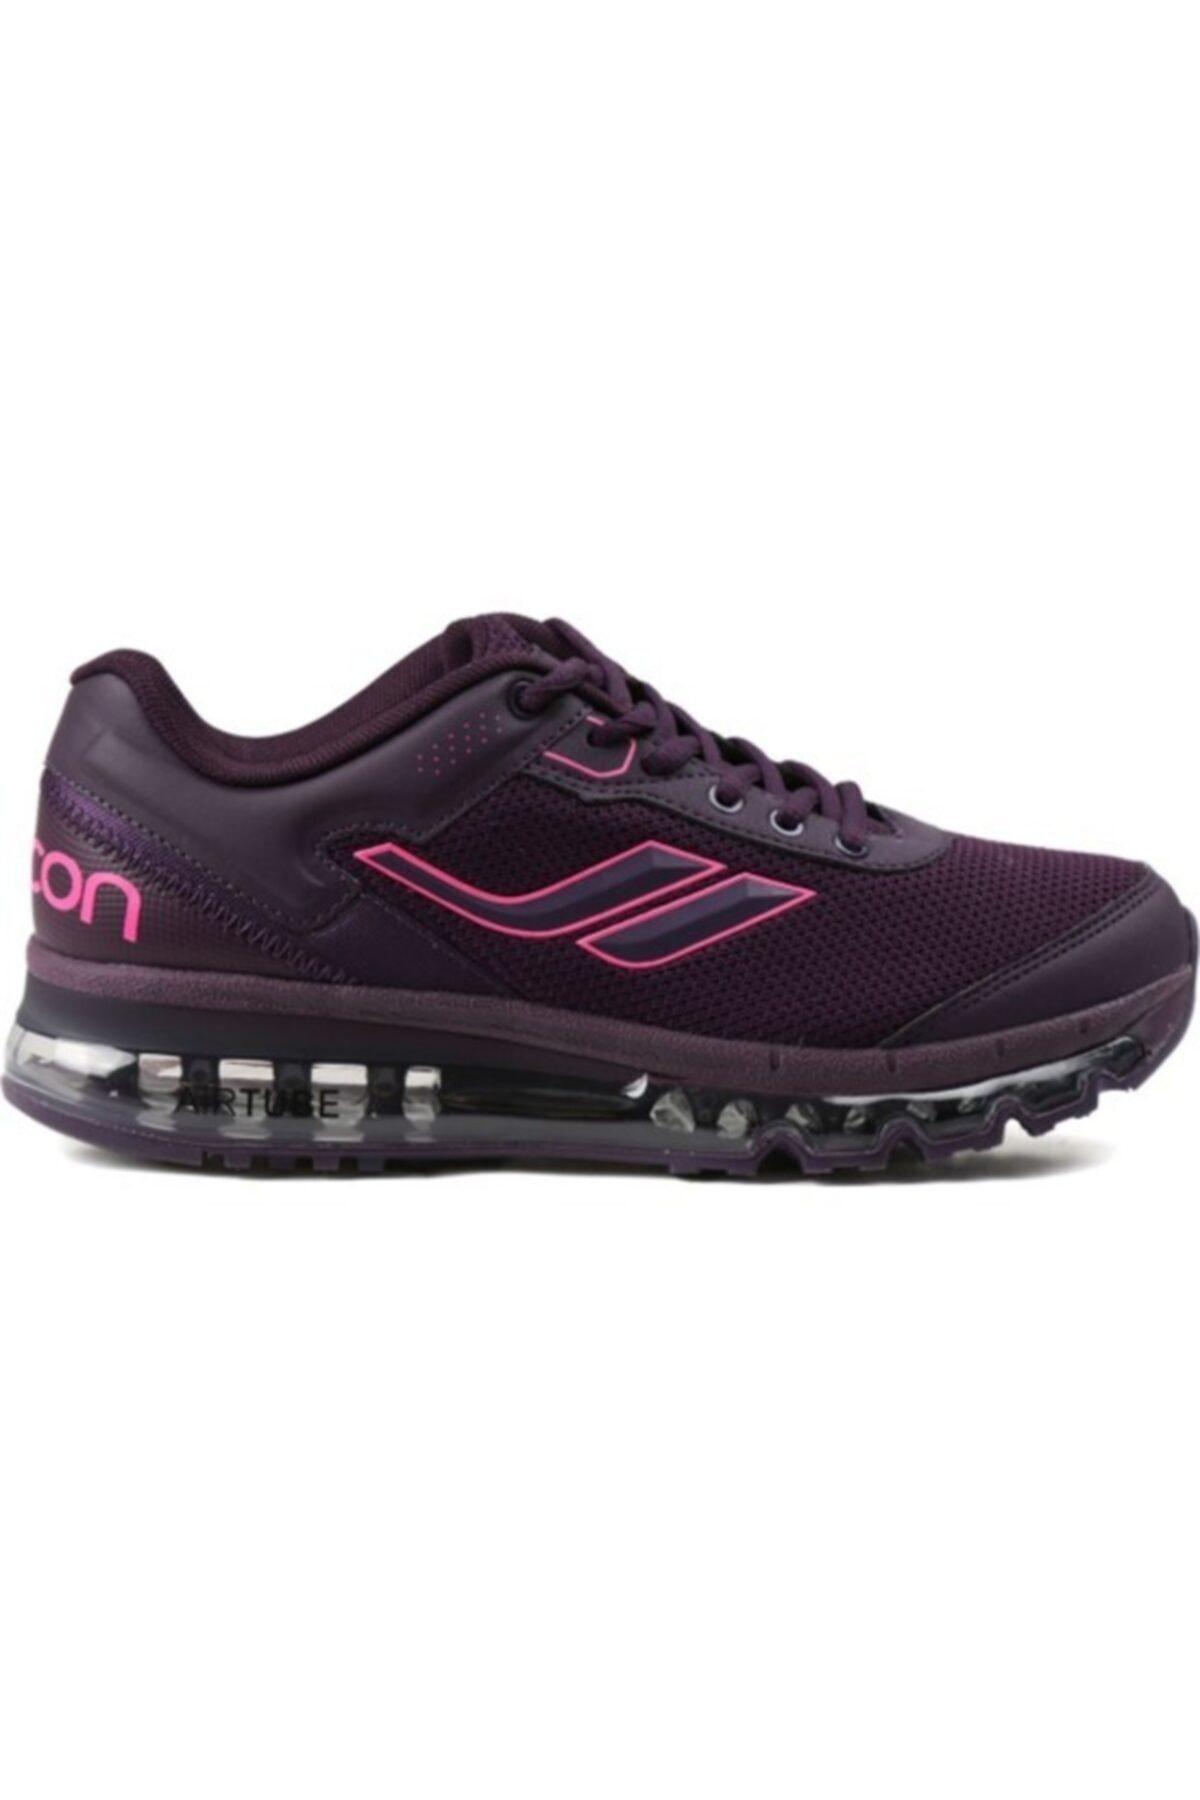 Lescon Kadın Mürdüm Airtube Spor Ayakkabı L-4603 1